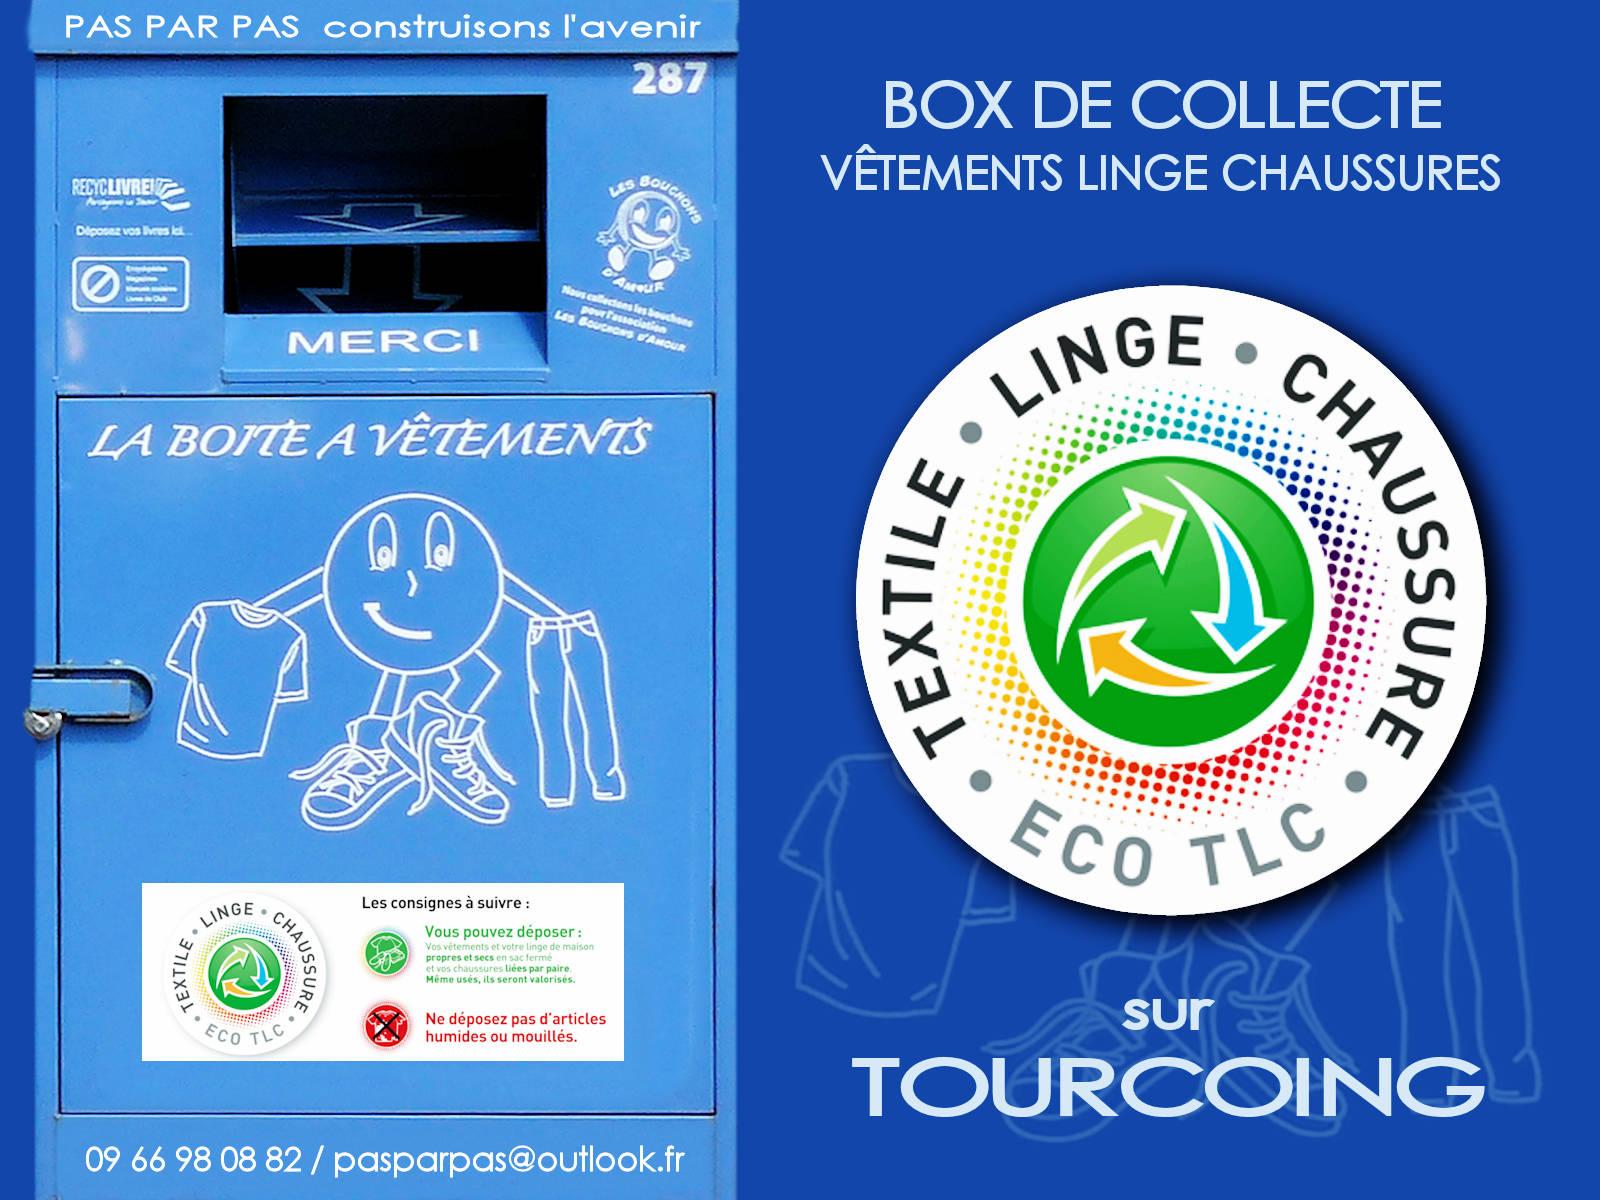 Containers Collecte Boîte à Vêtements Tourcoing - Pas par Pas